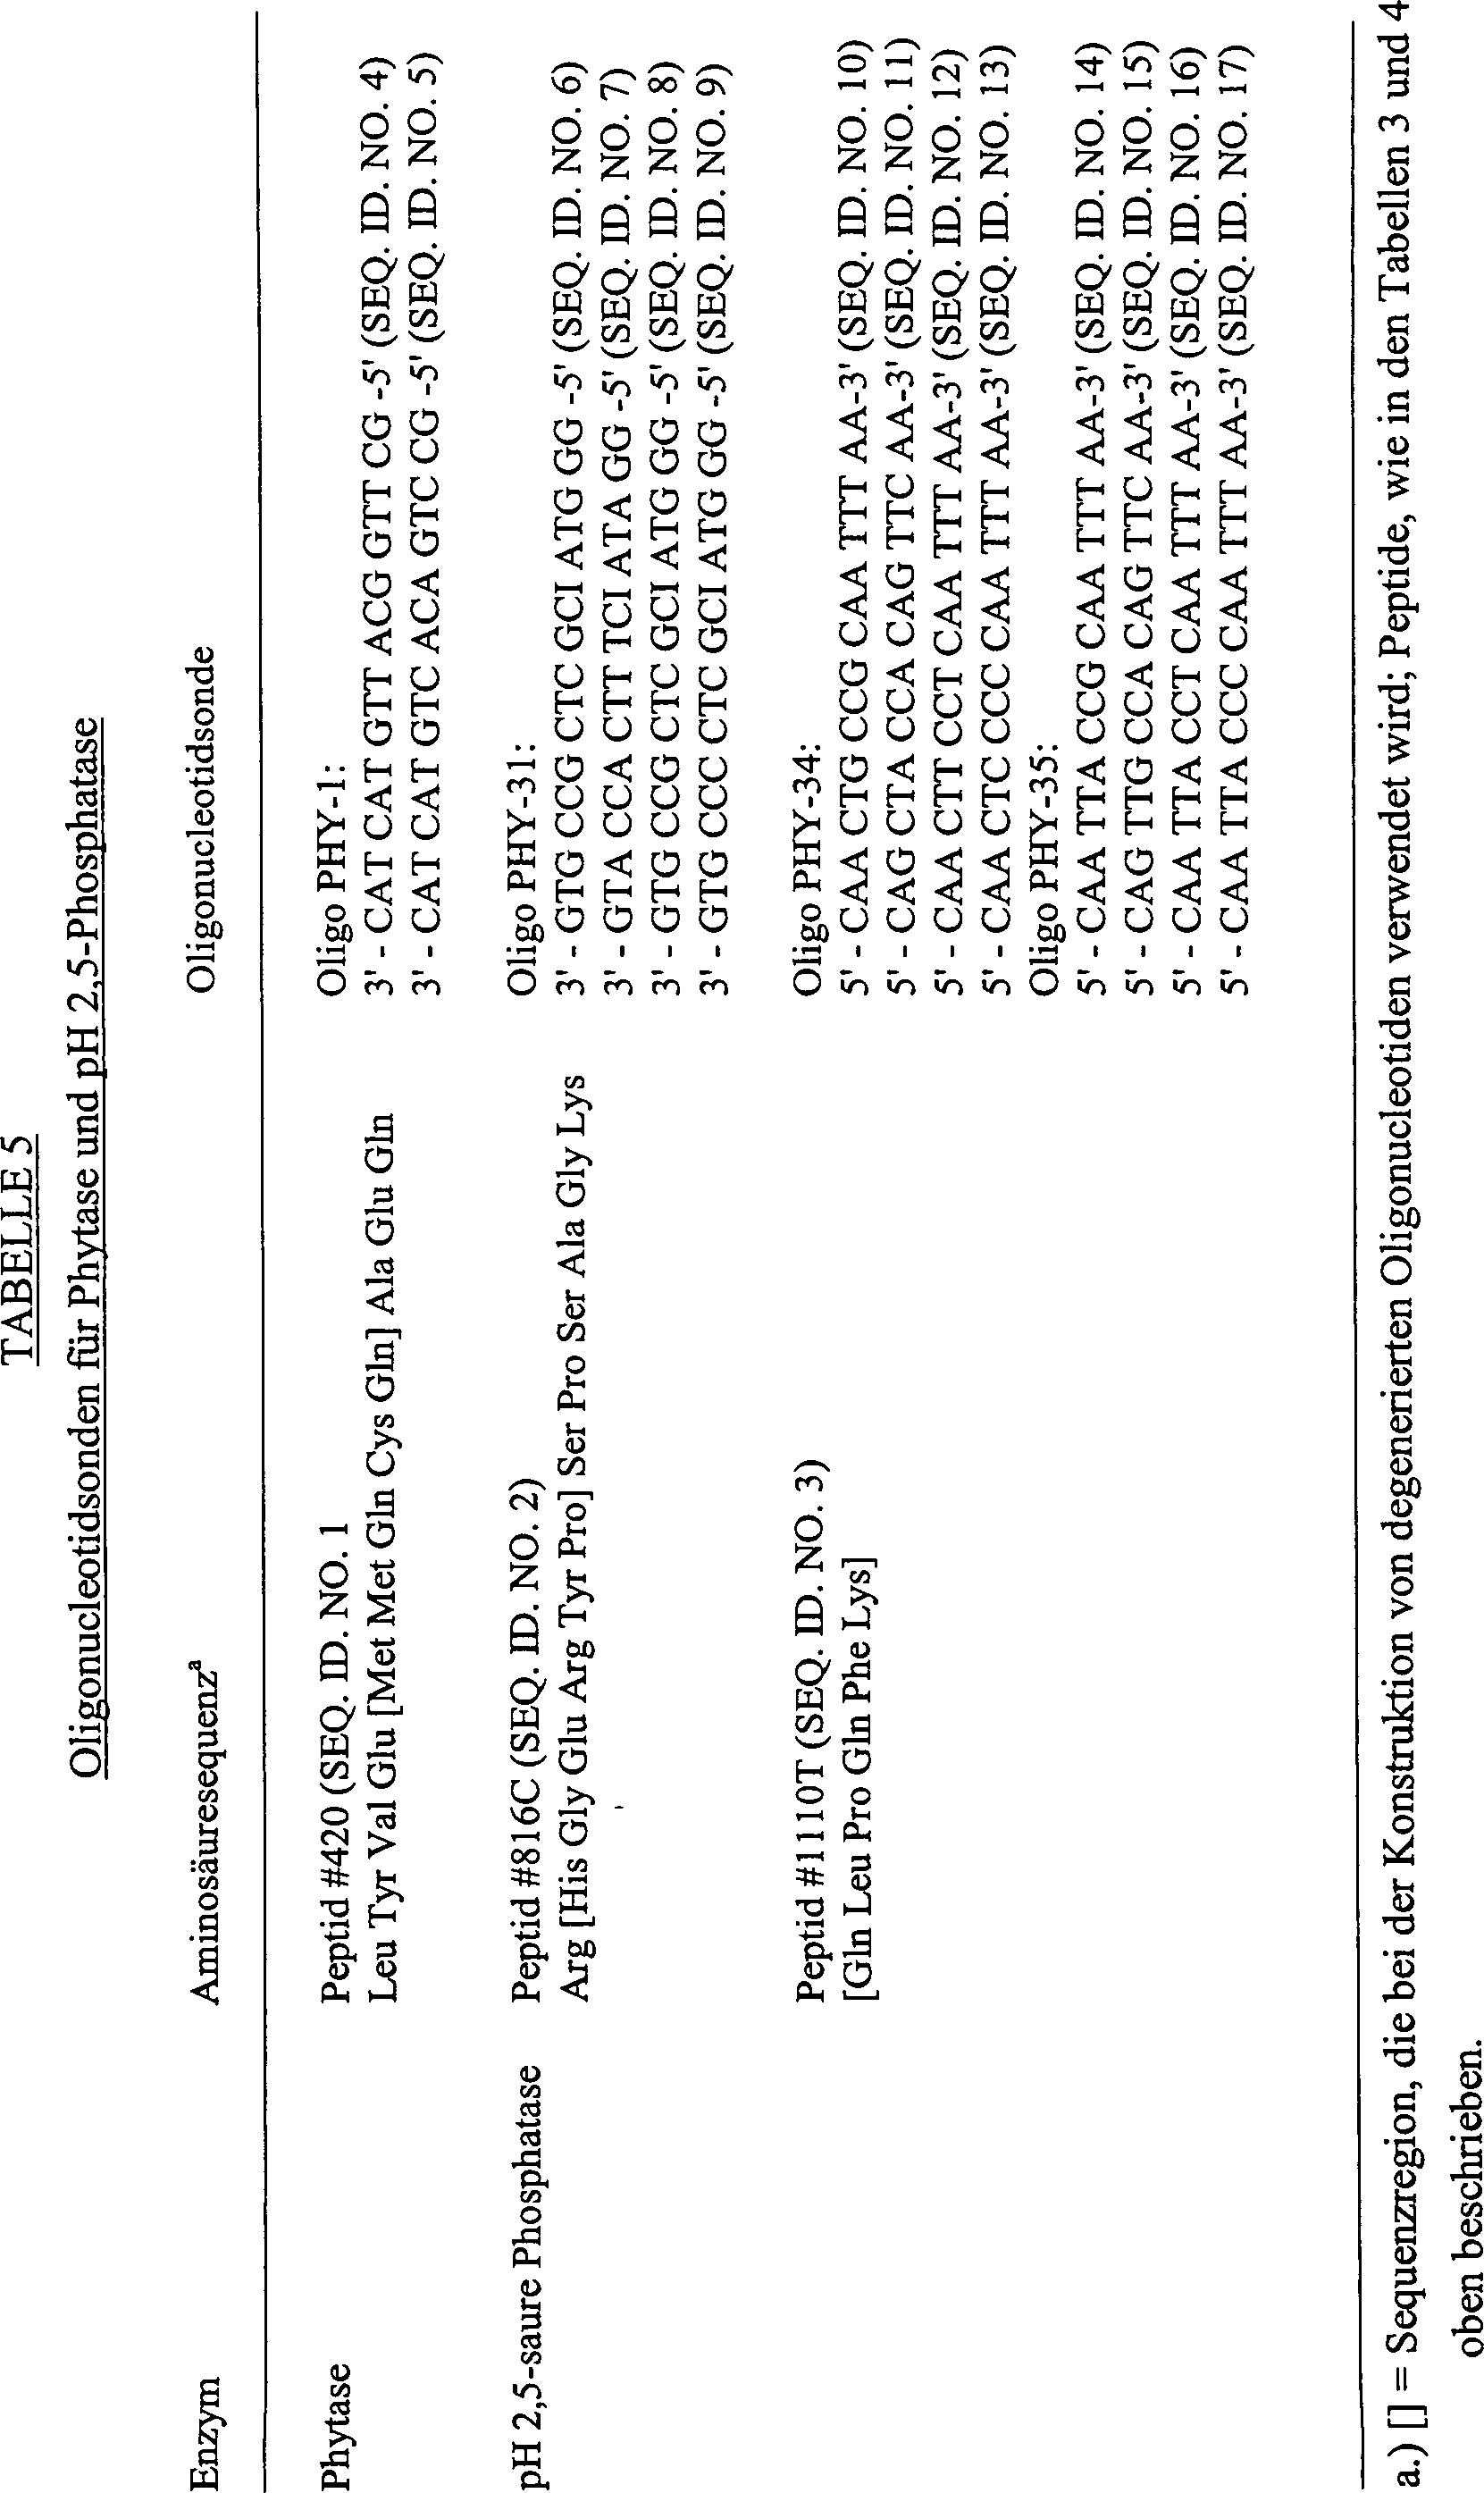 DE69333747T2 - Recombinant cell, dna constructions, vectors and ...